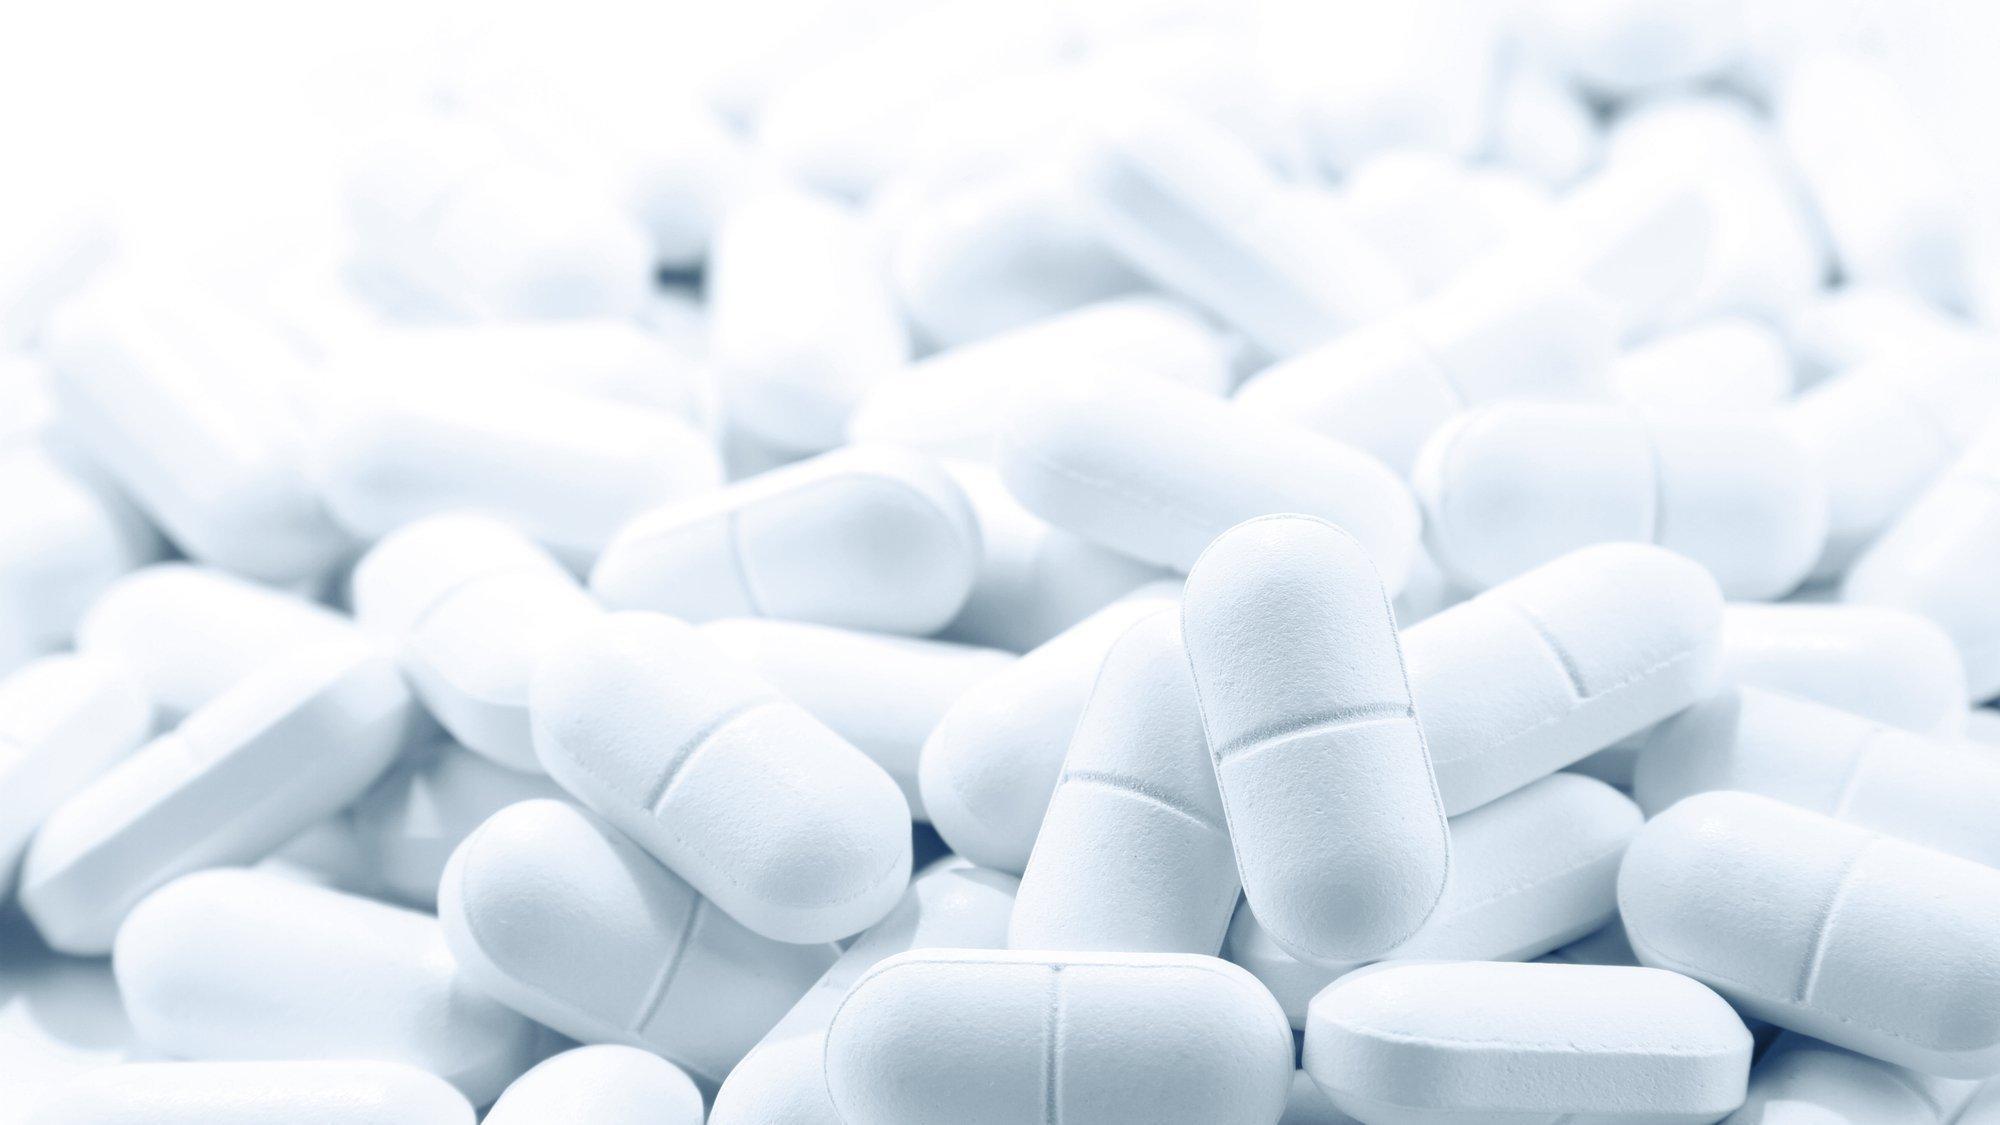 Das Bild zeigt eine große Zahl von weißen Tabletten auf einem Haufen. Das soll symbolisieren, dass es bisher keinen Wirkstoff gibt, aber mit Hochdruck nach ihm gesucht wird.